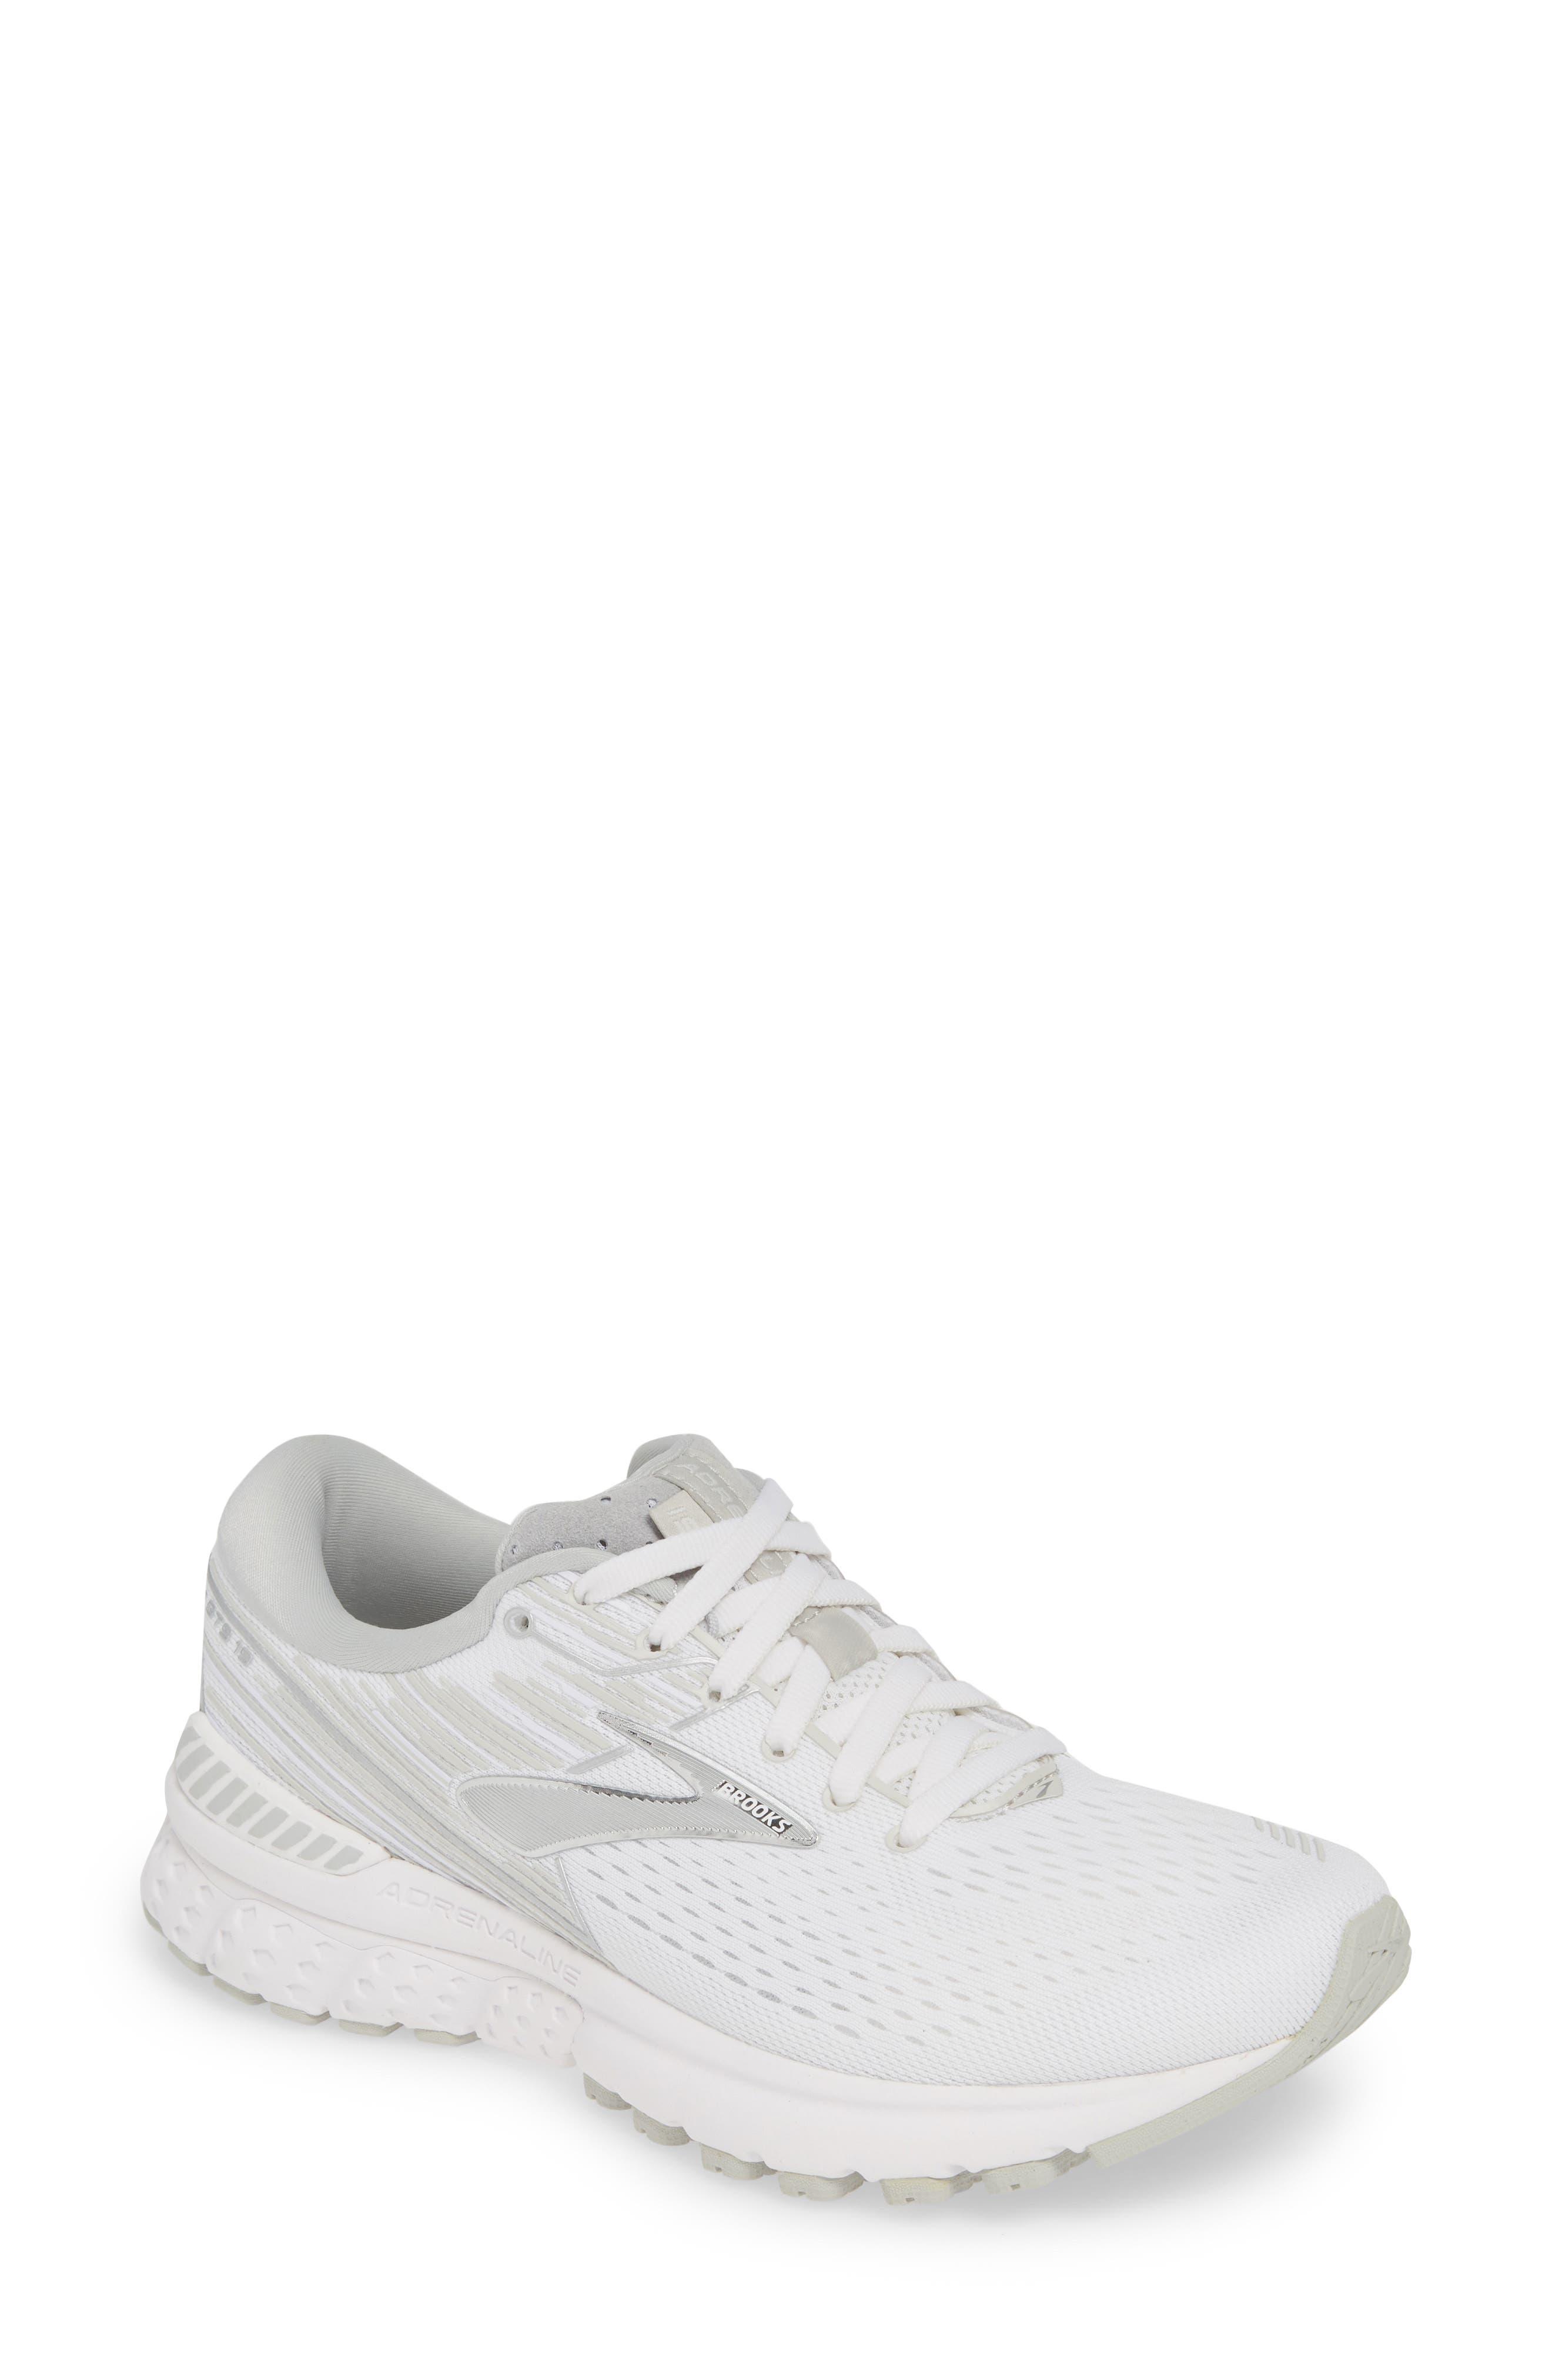 Brooks Adrenaline Gts 19 Running Shoe B - Grey